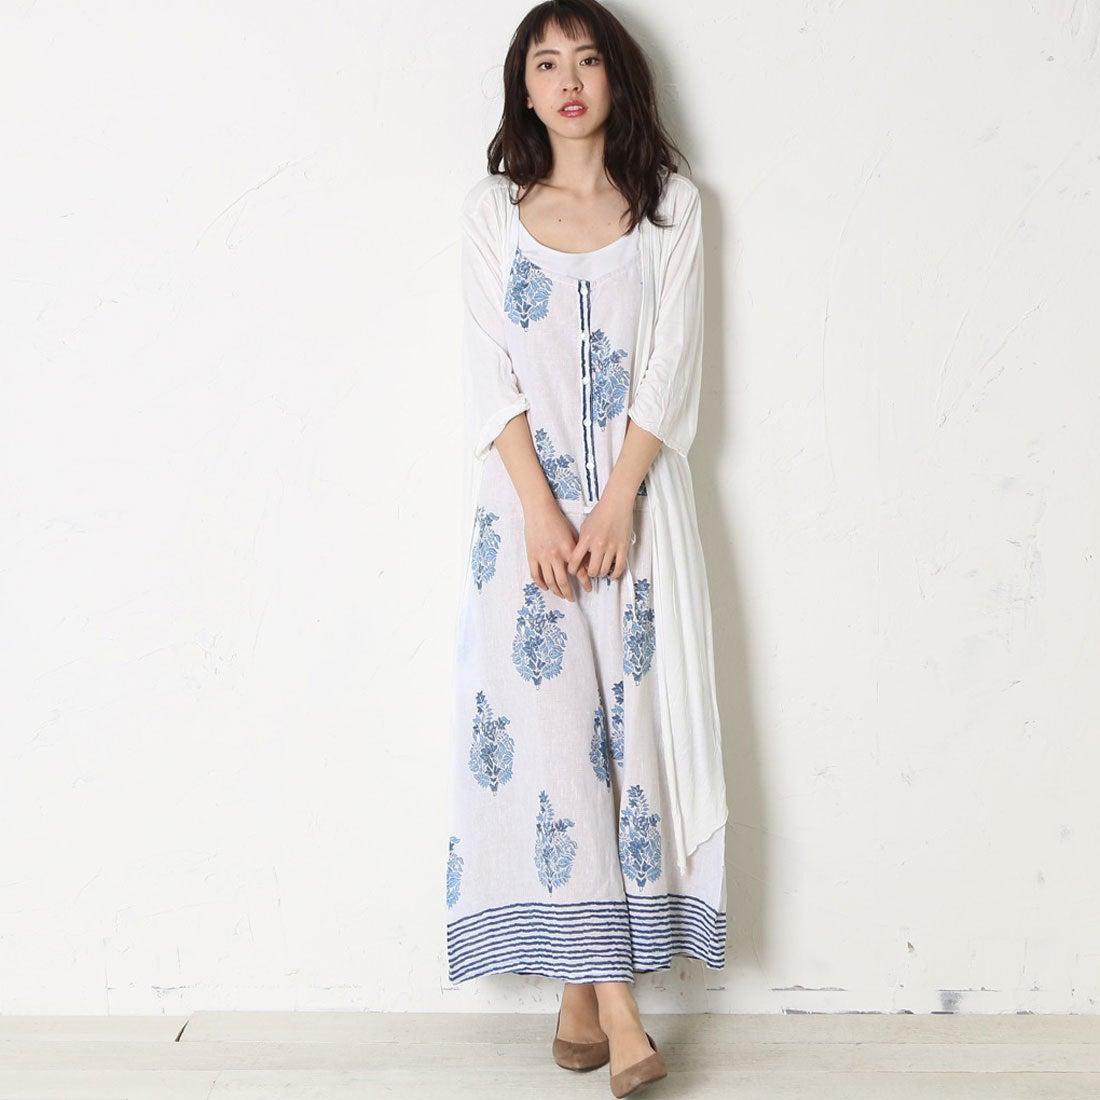 【SALE 10%OFF】【チャイハネ】エスニック刺繍ロングカーディガン ホワイト